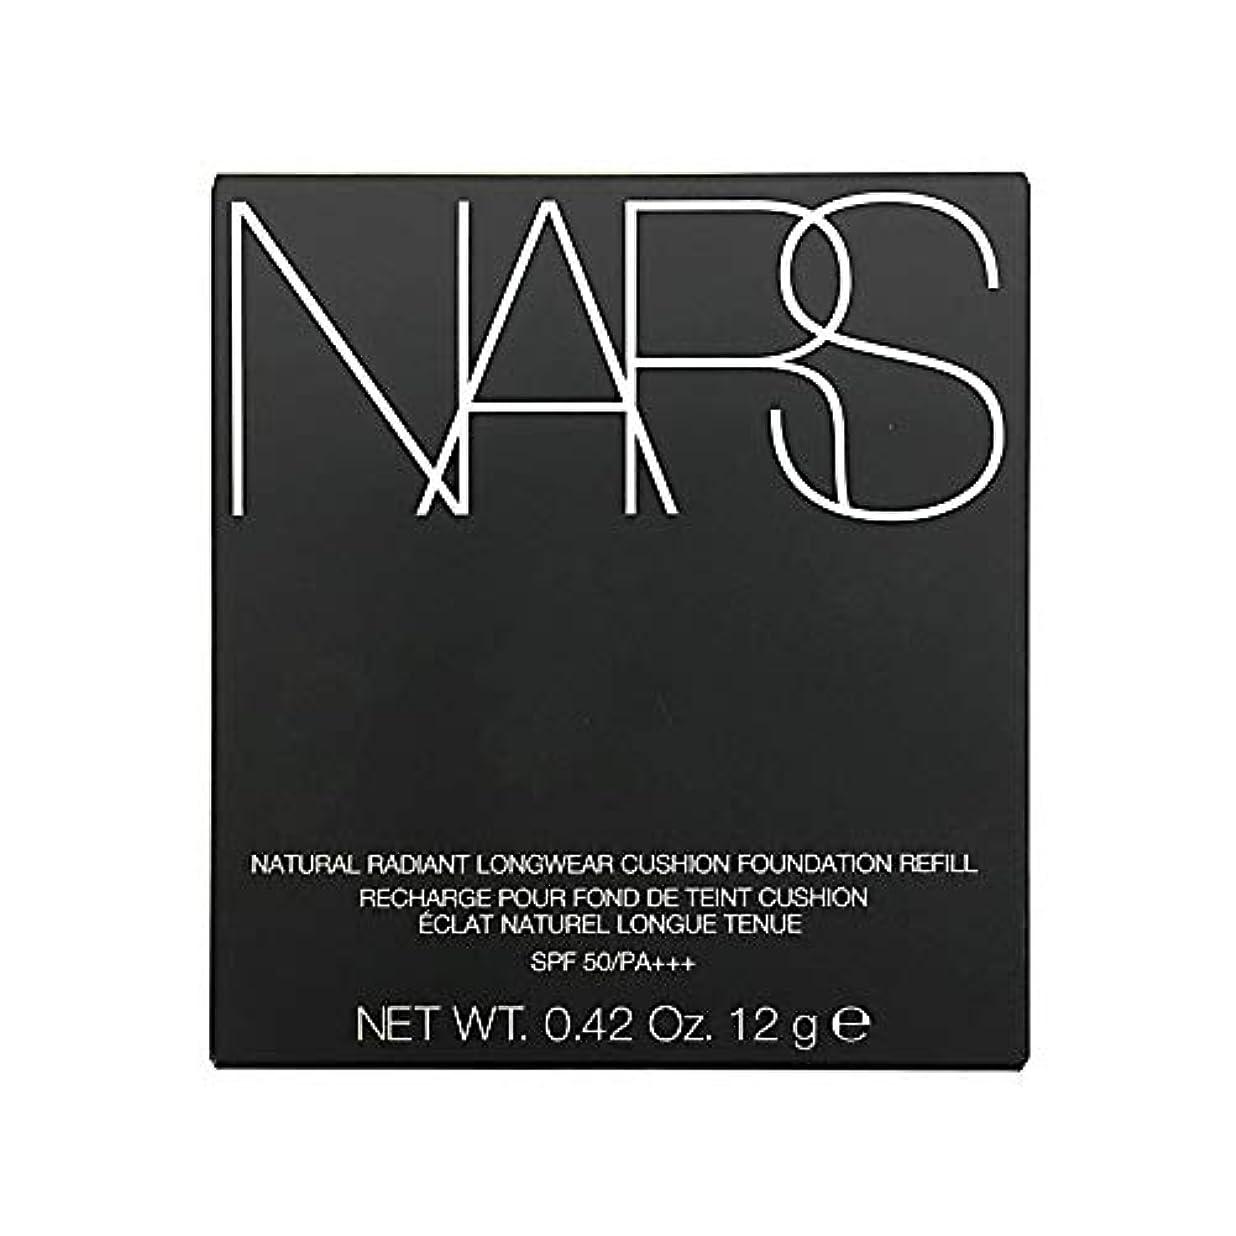 斧煩わしい本物のナーズ/NARS ナチュラルラディアント ロングウェア クッションファンデーション(レフィル)#5878 [ クッションファンデ ] [並行輸入品]